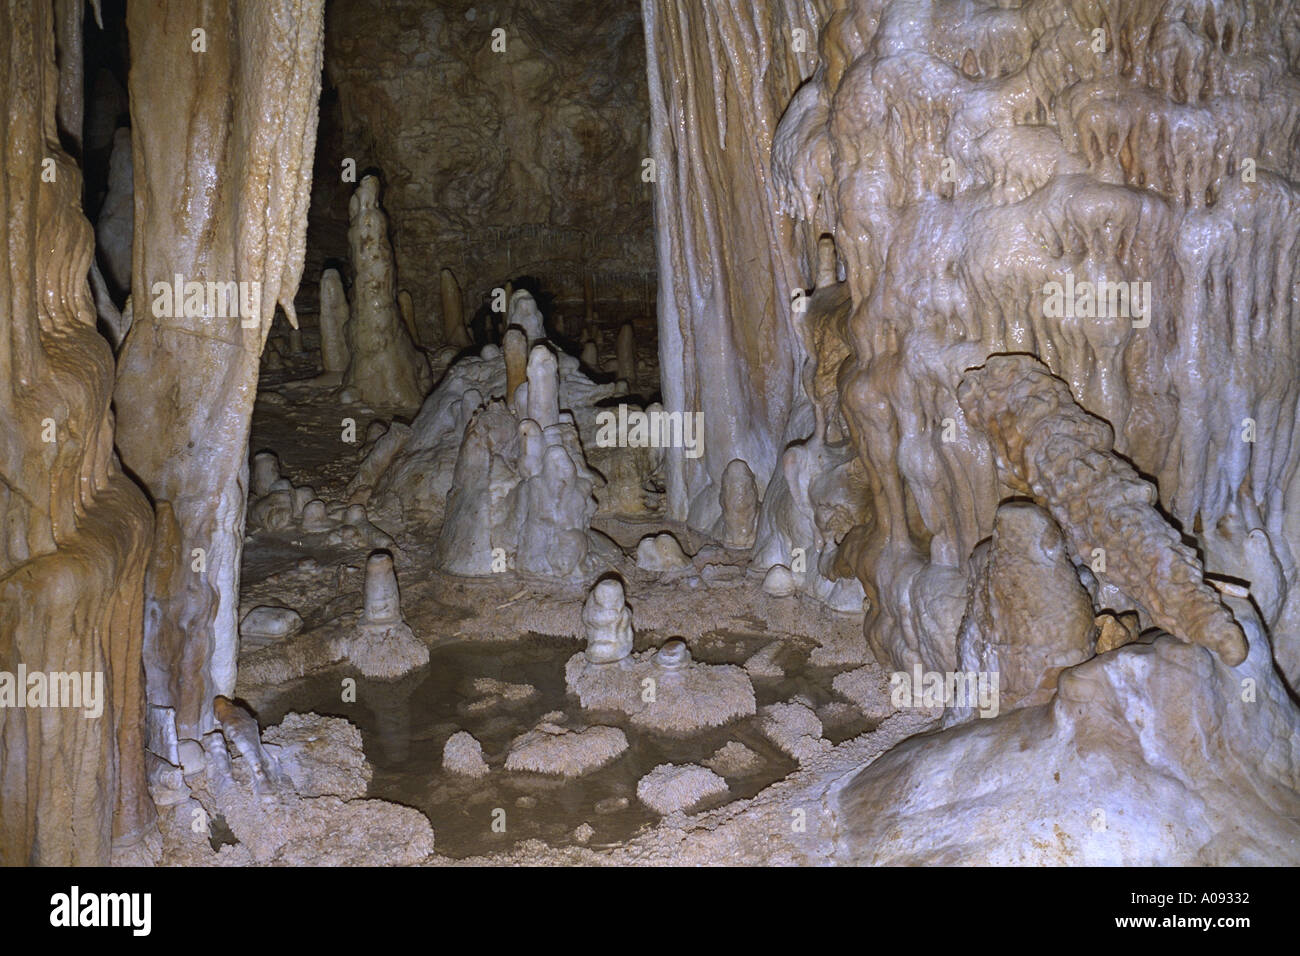 cave stalactite stalacmite Hoehle FRAENKISCHE Schweiz Germany Bavaria - Stock Image